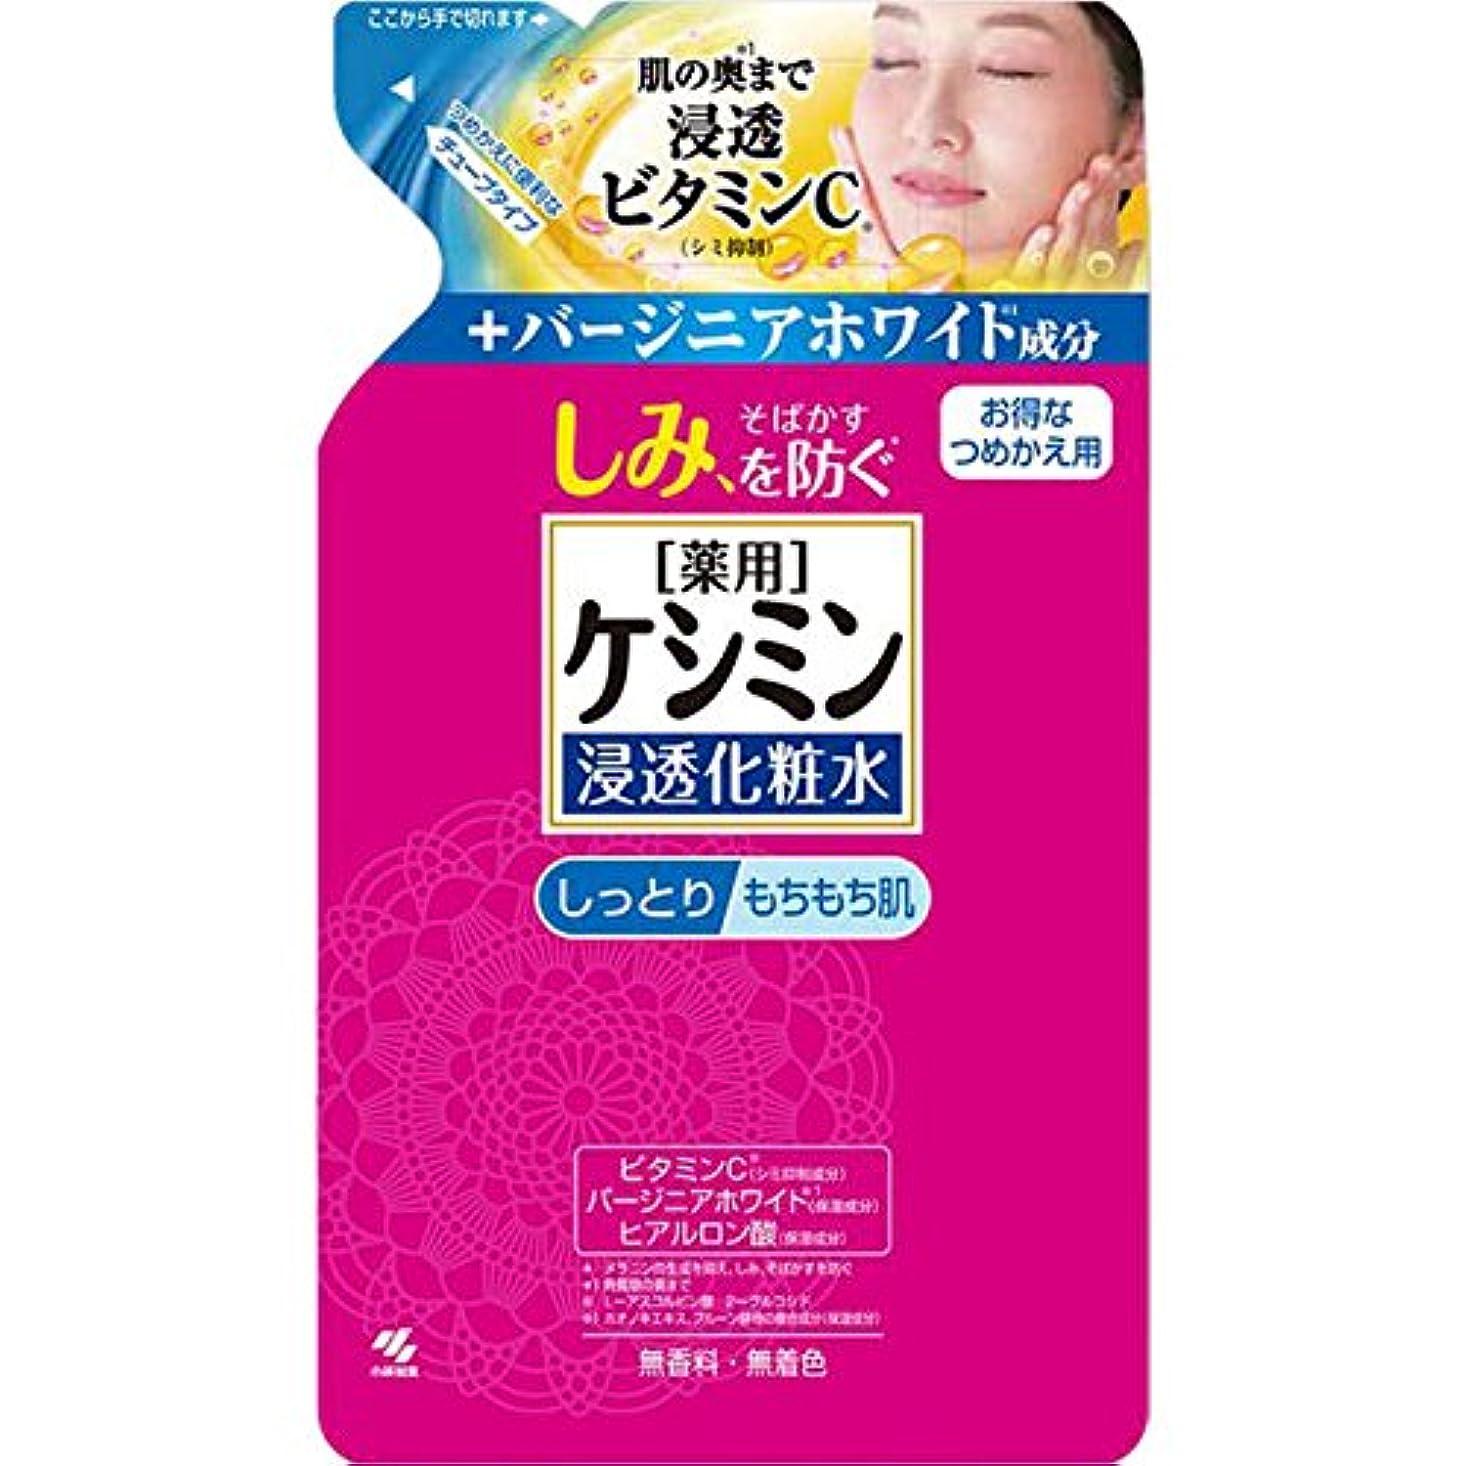 カメラ人に関する限り受け皿小林製薬 ケシミン 浸透化粧水しっとり つめかえ用 140ml